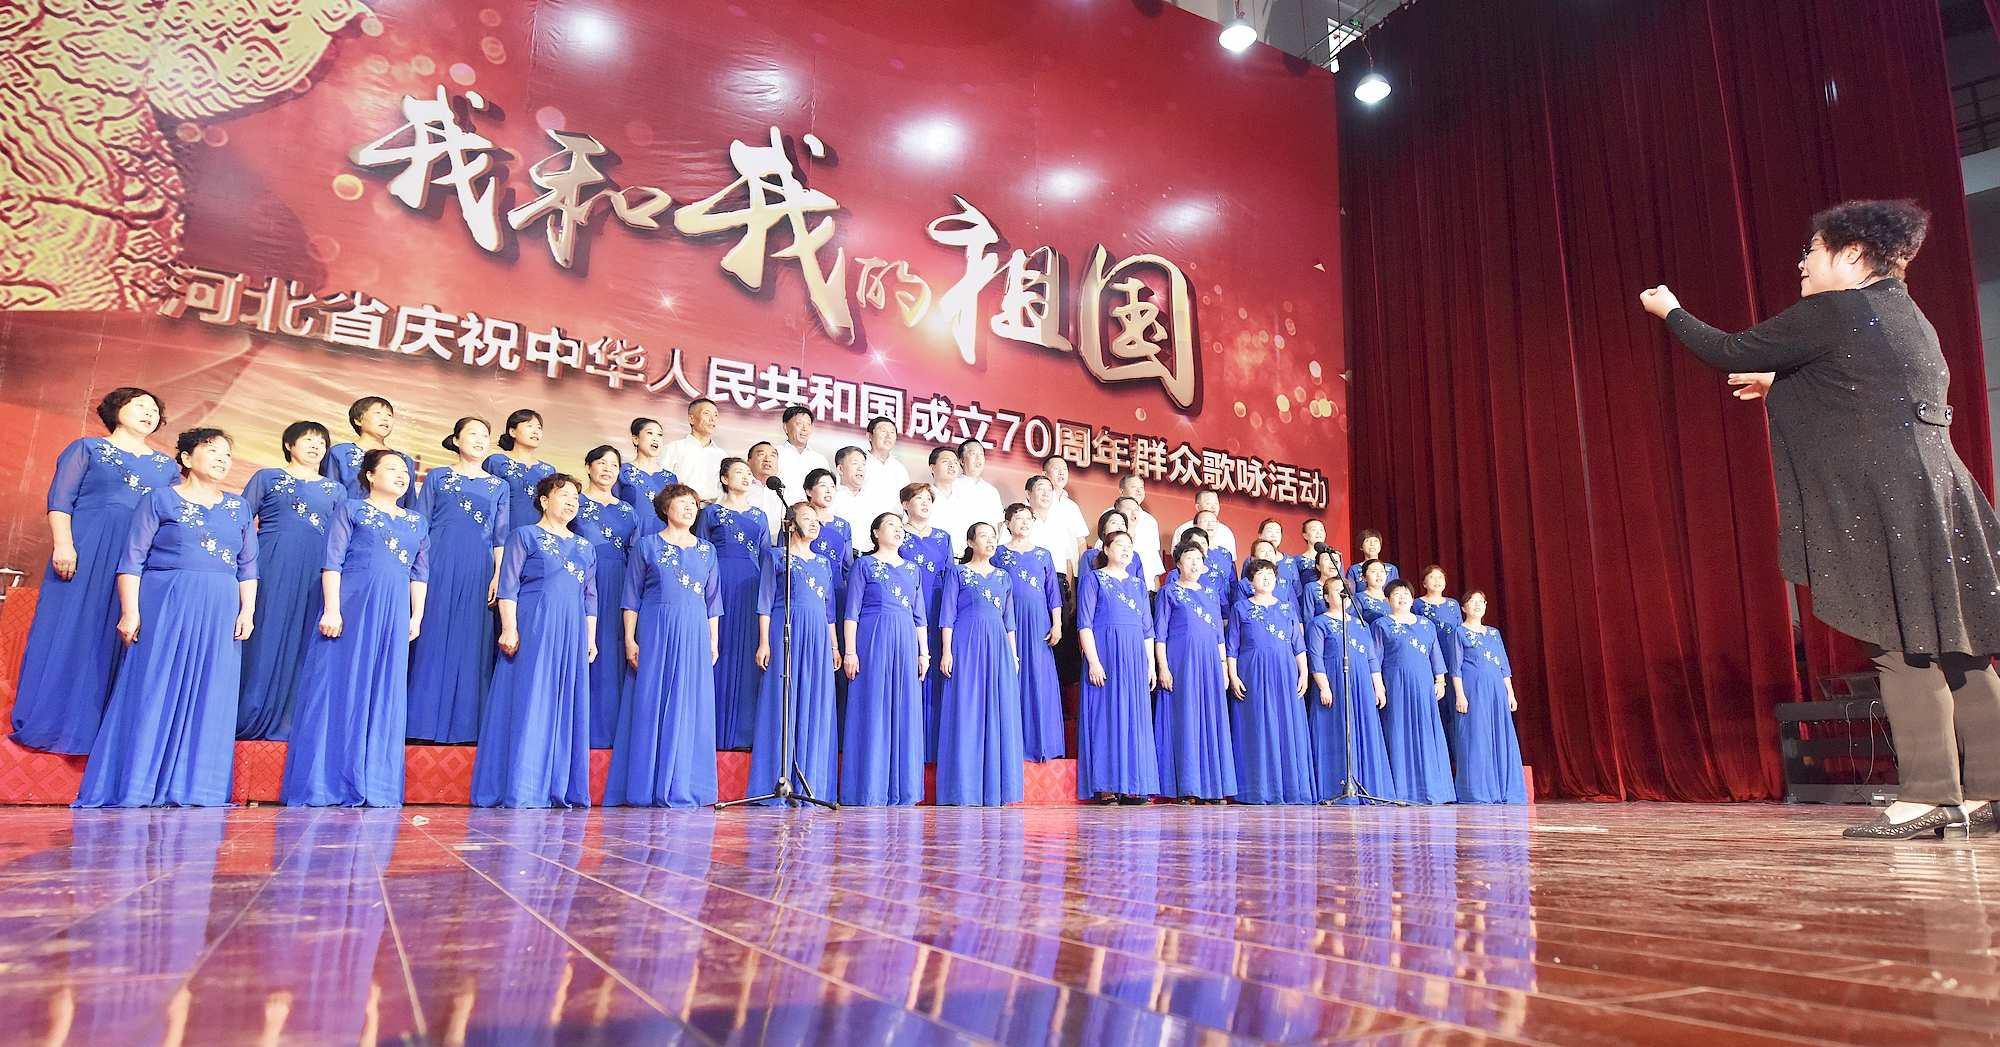 河北省庆祝中华人民共和国成立70周年群众歌咏活动在定州中学艺术会堂举行